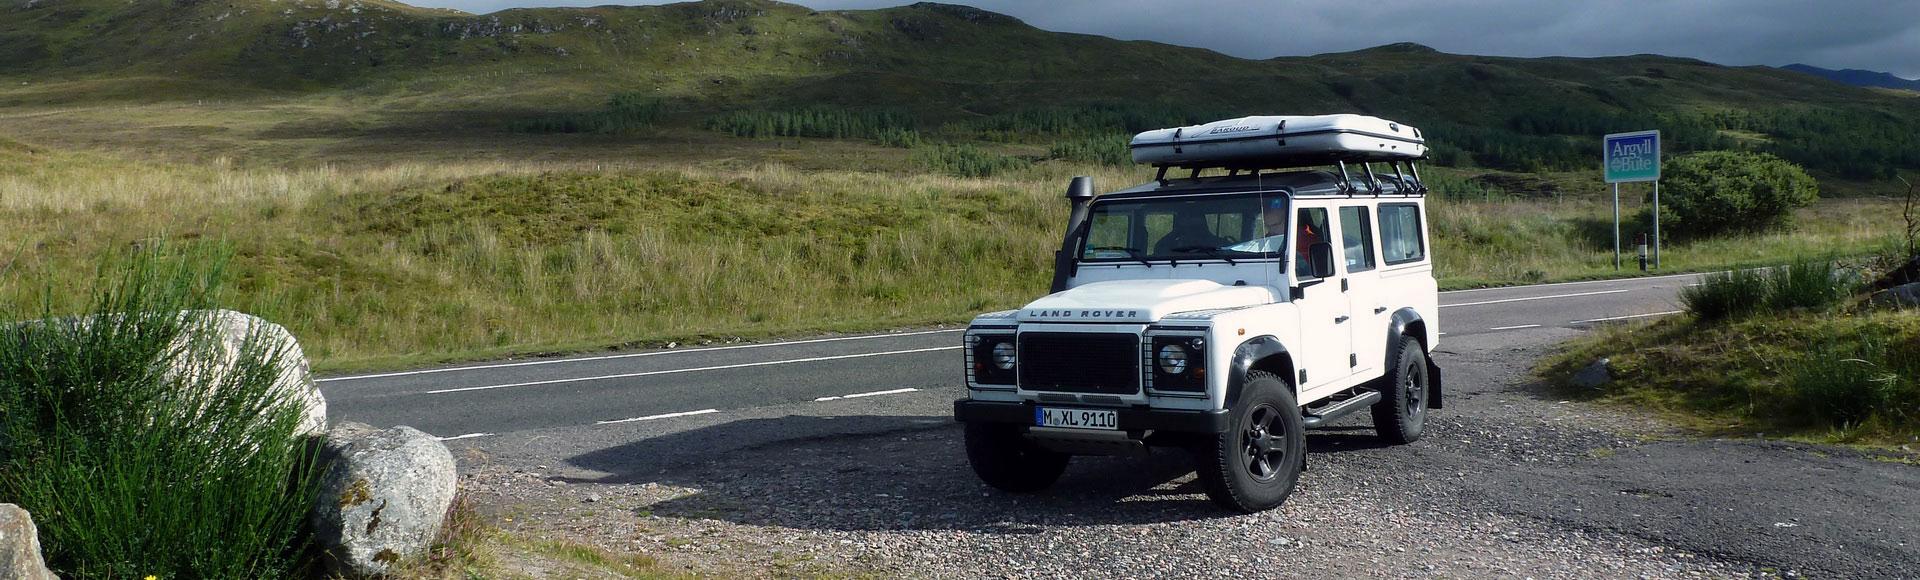 Land Rover Defender 2012 Herbst 40312